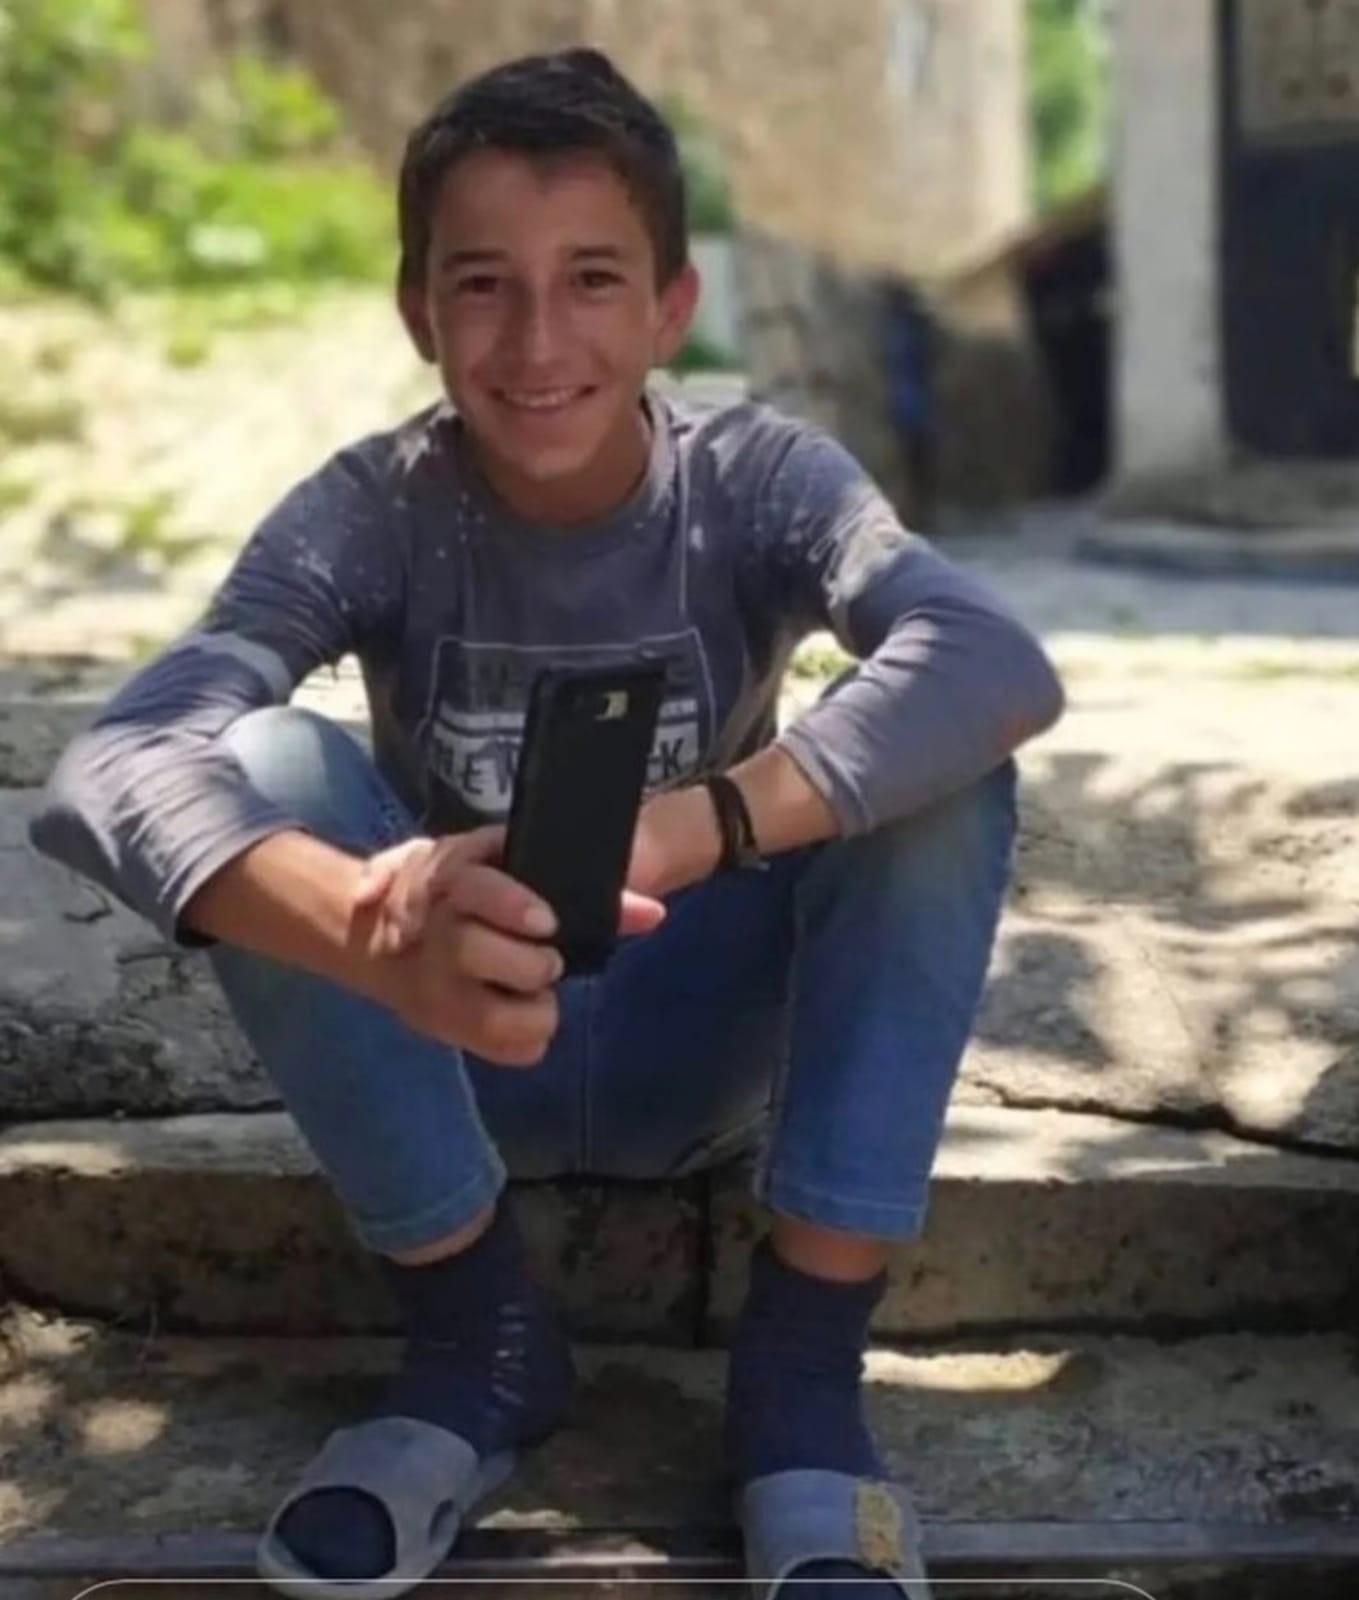 Ceviz ağacından düşen çocuk öldü #hakkari